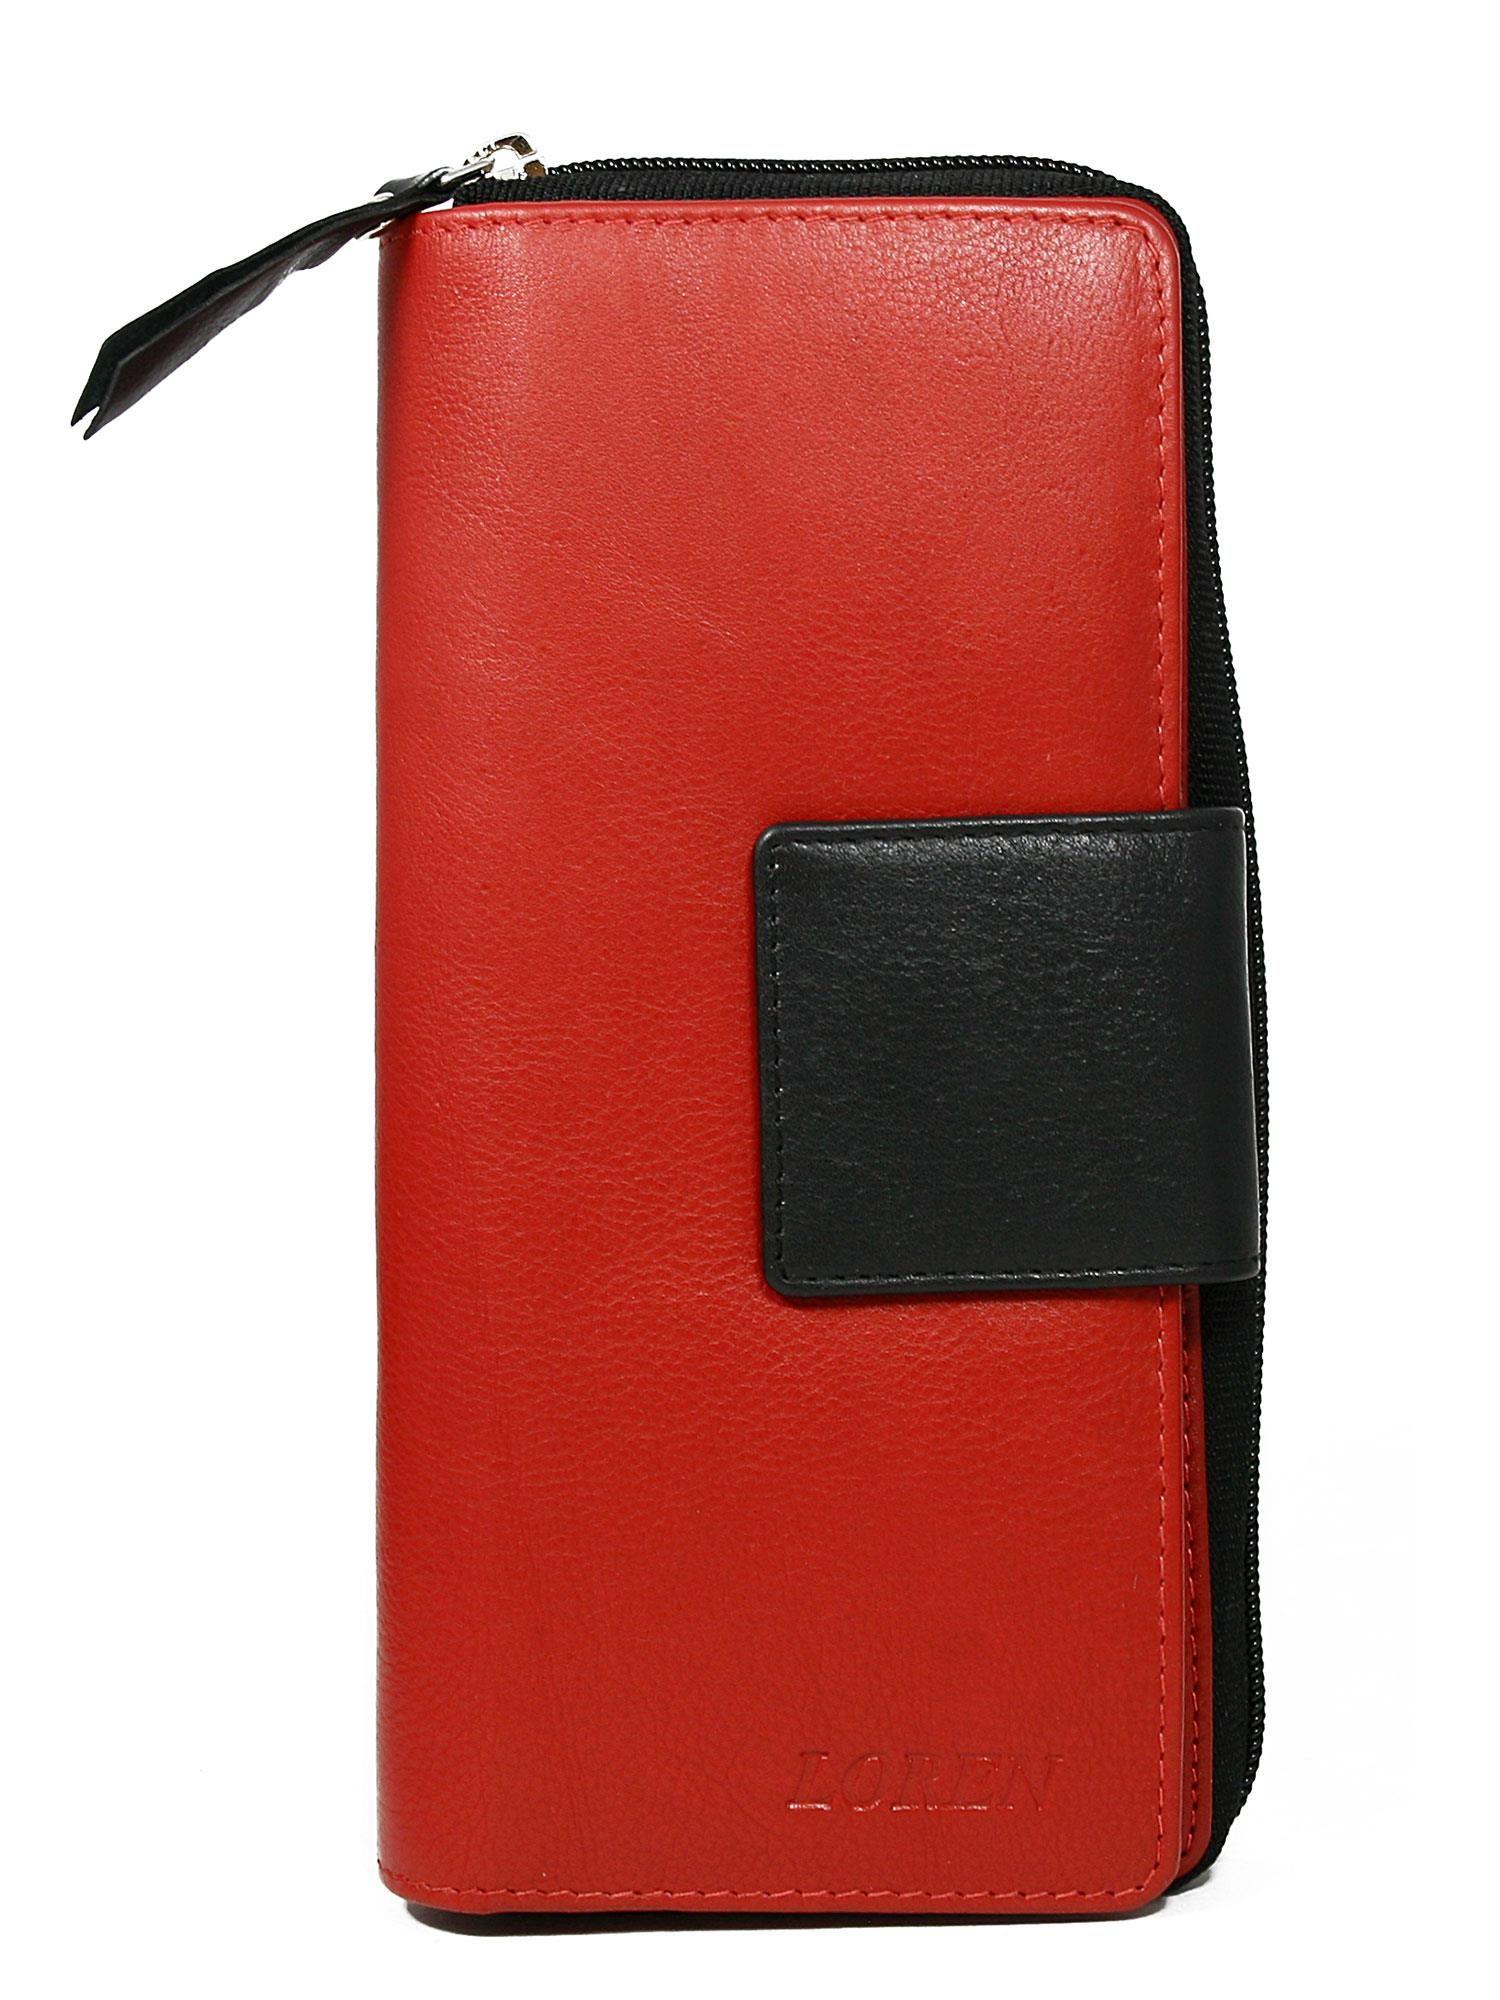 ab38c2657db5b Czerwony duży portfel skórzany z czarnym wykończeniem - Akcesoria portfele  - sklep eButik.pl